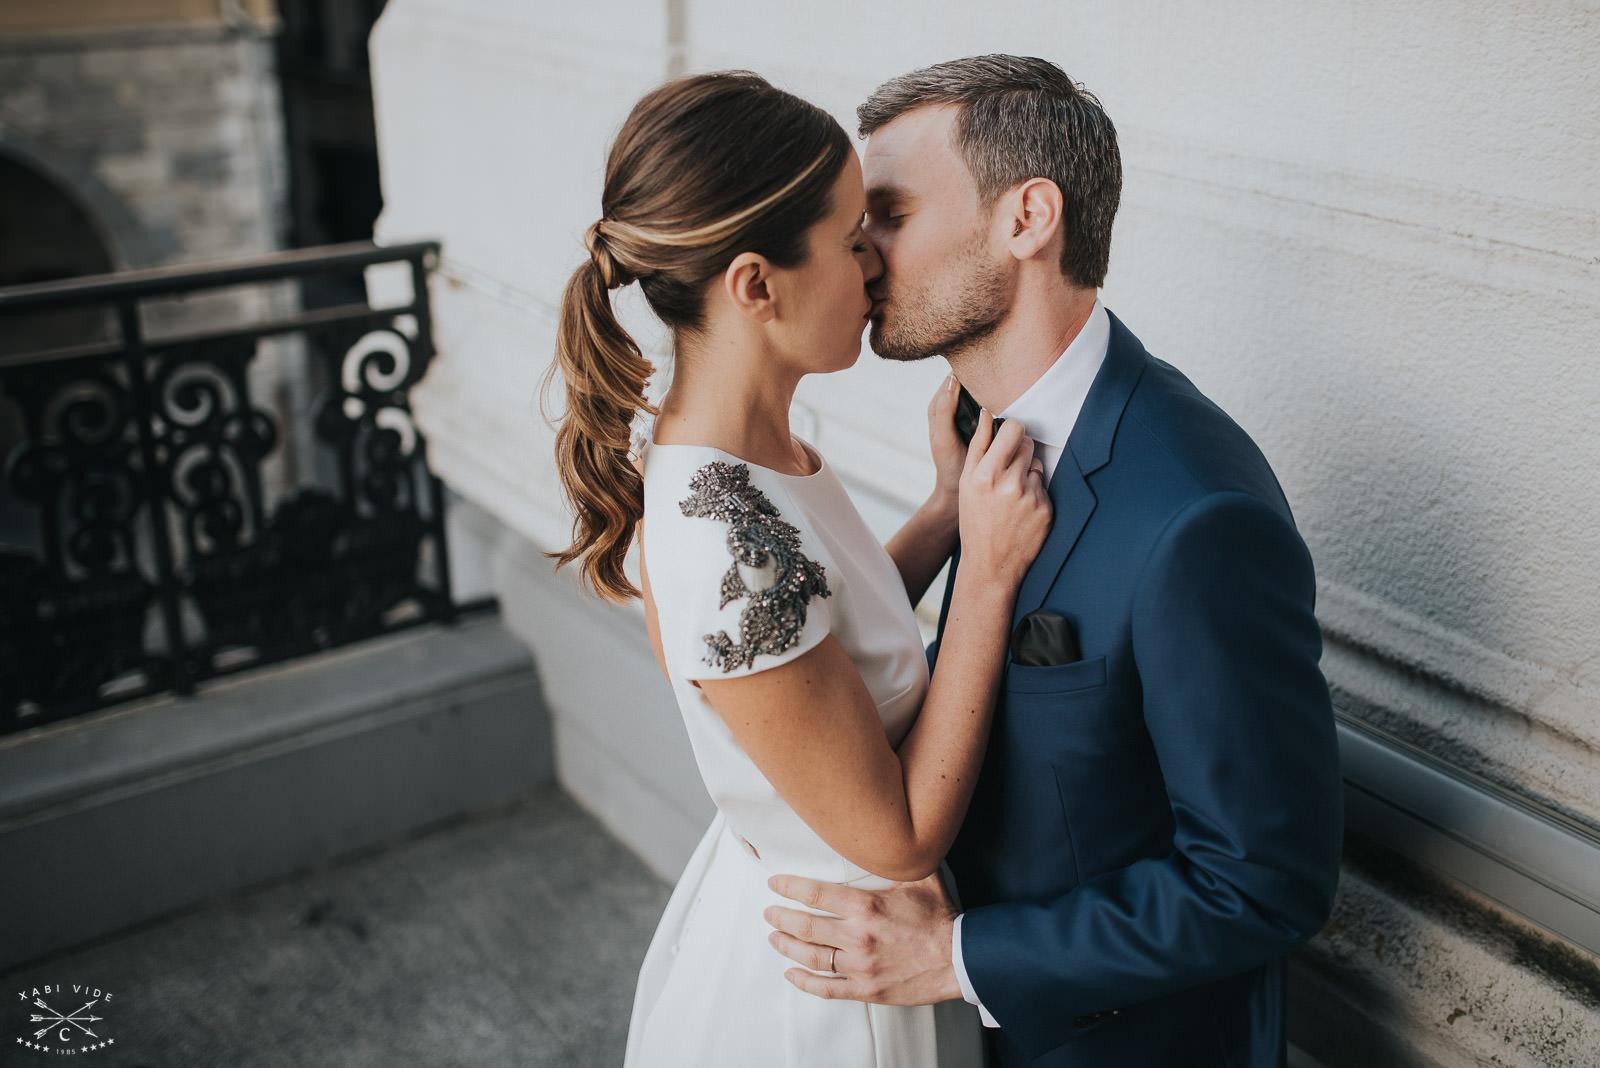 fotografo de bodas en bilbao-40.1